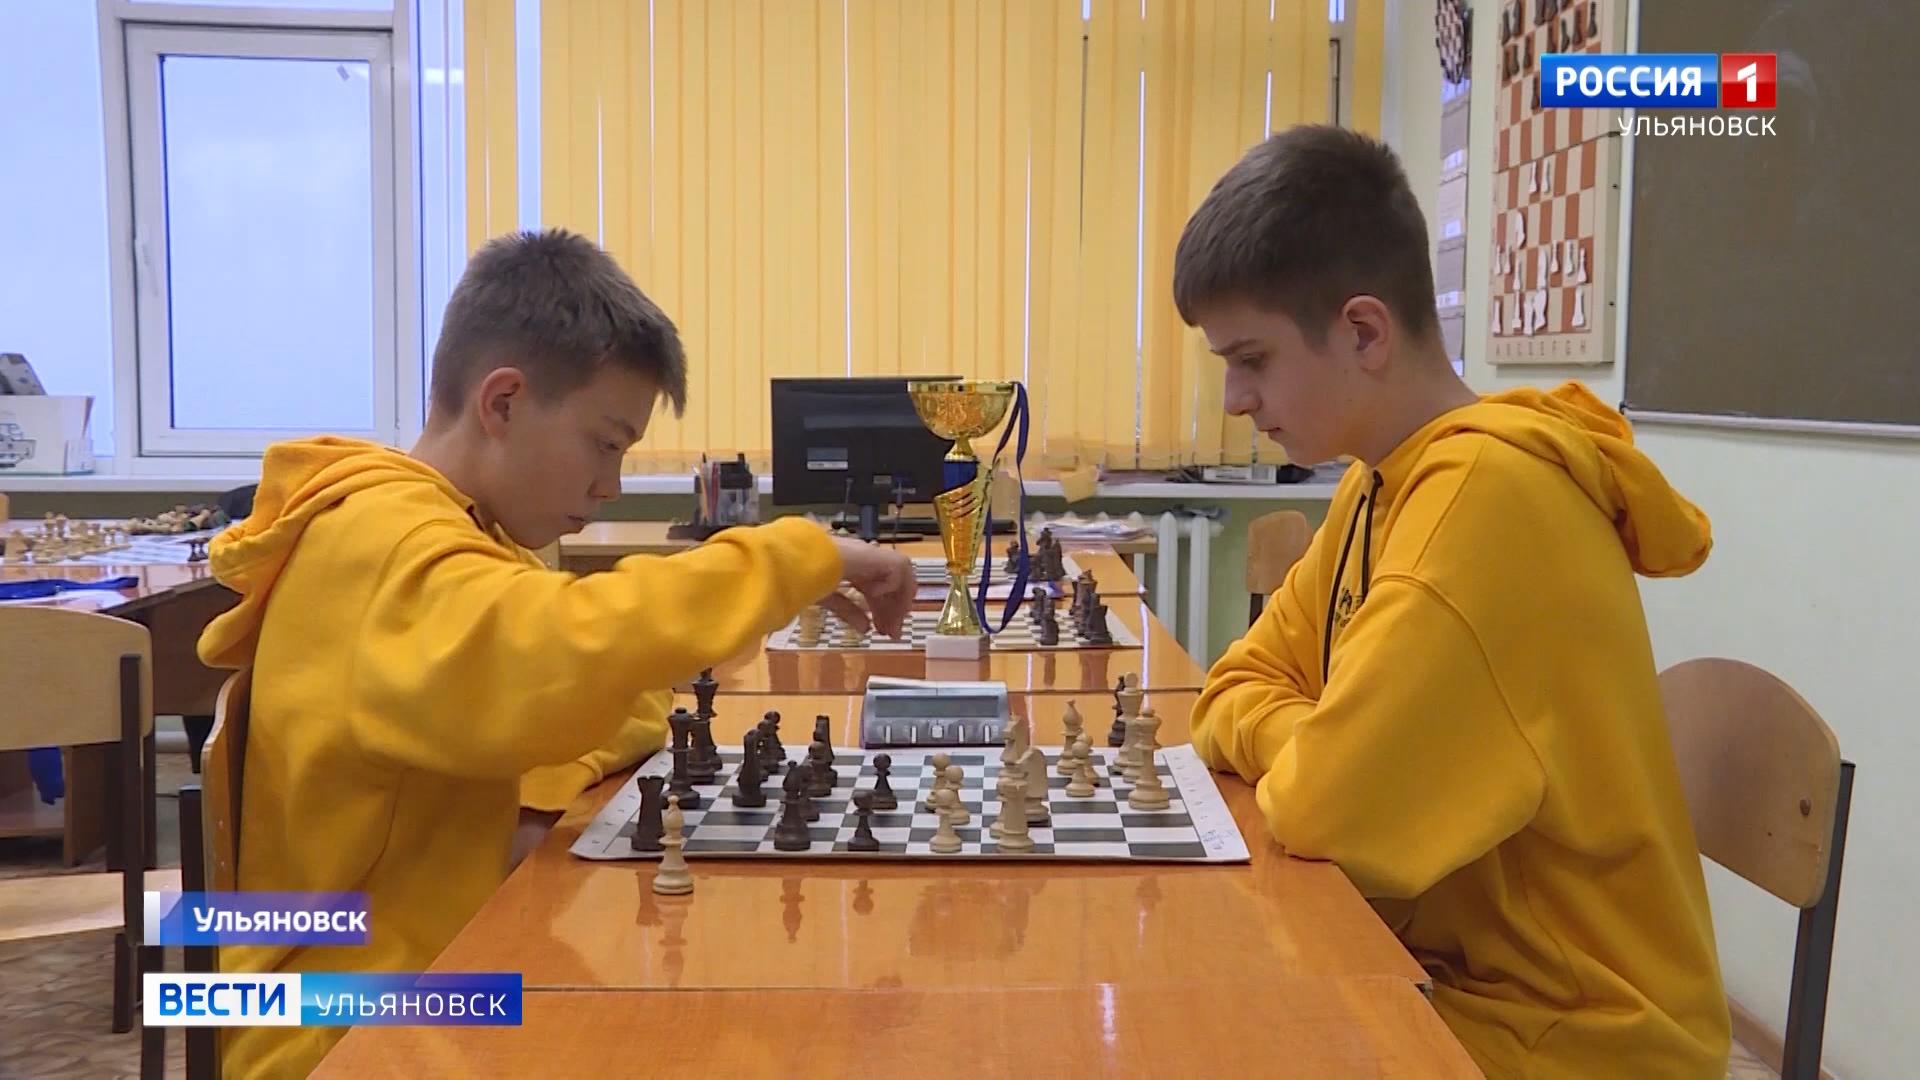 Ульяновские школьники призеры международного турнира по шахматам